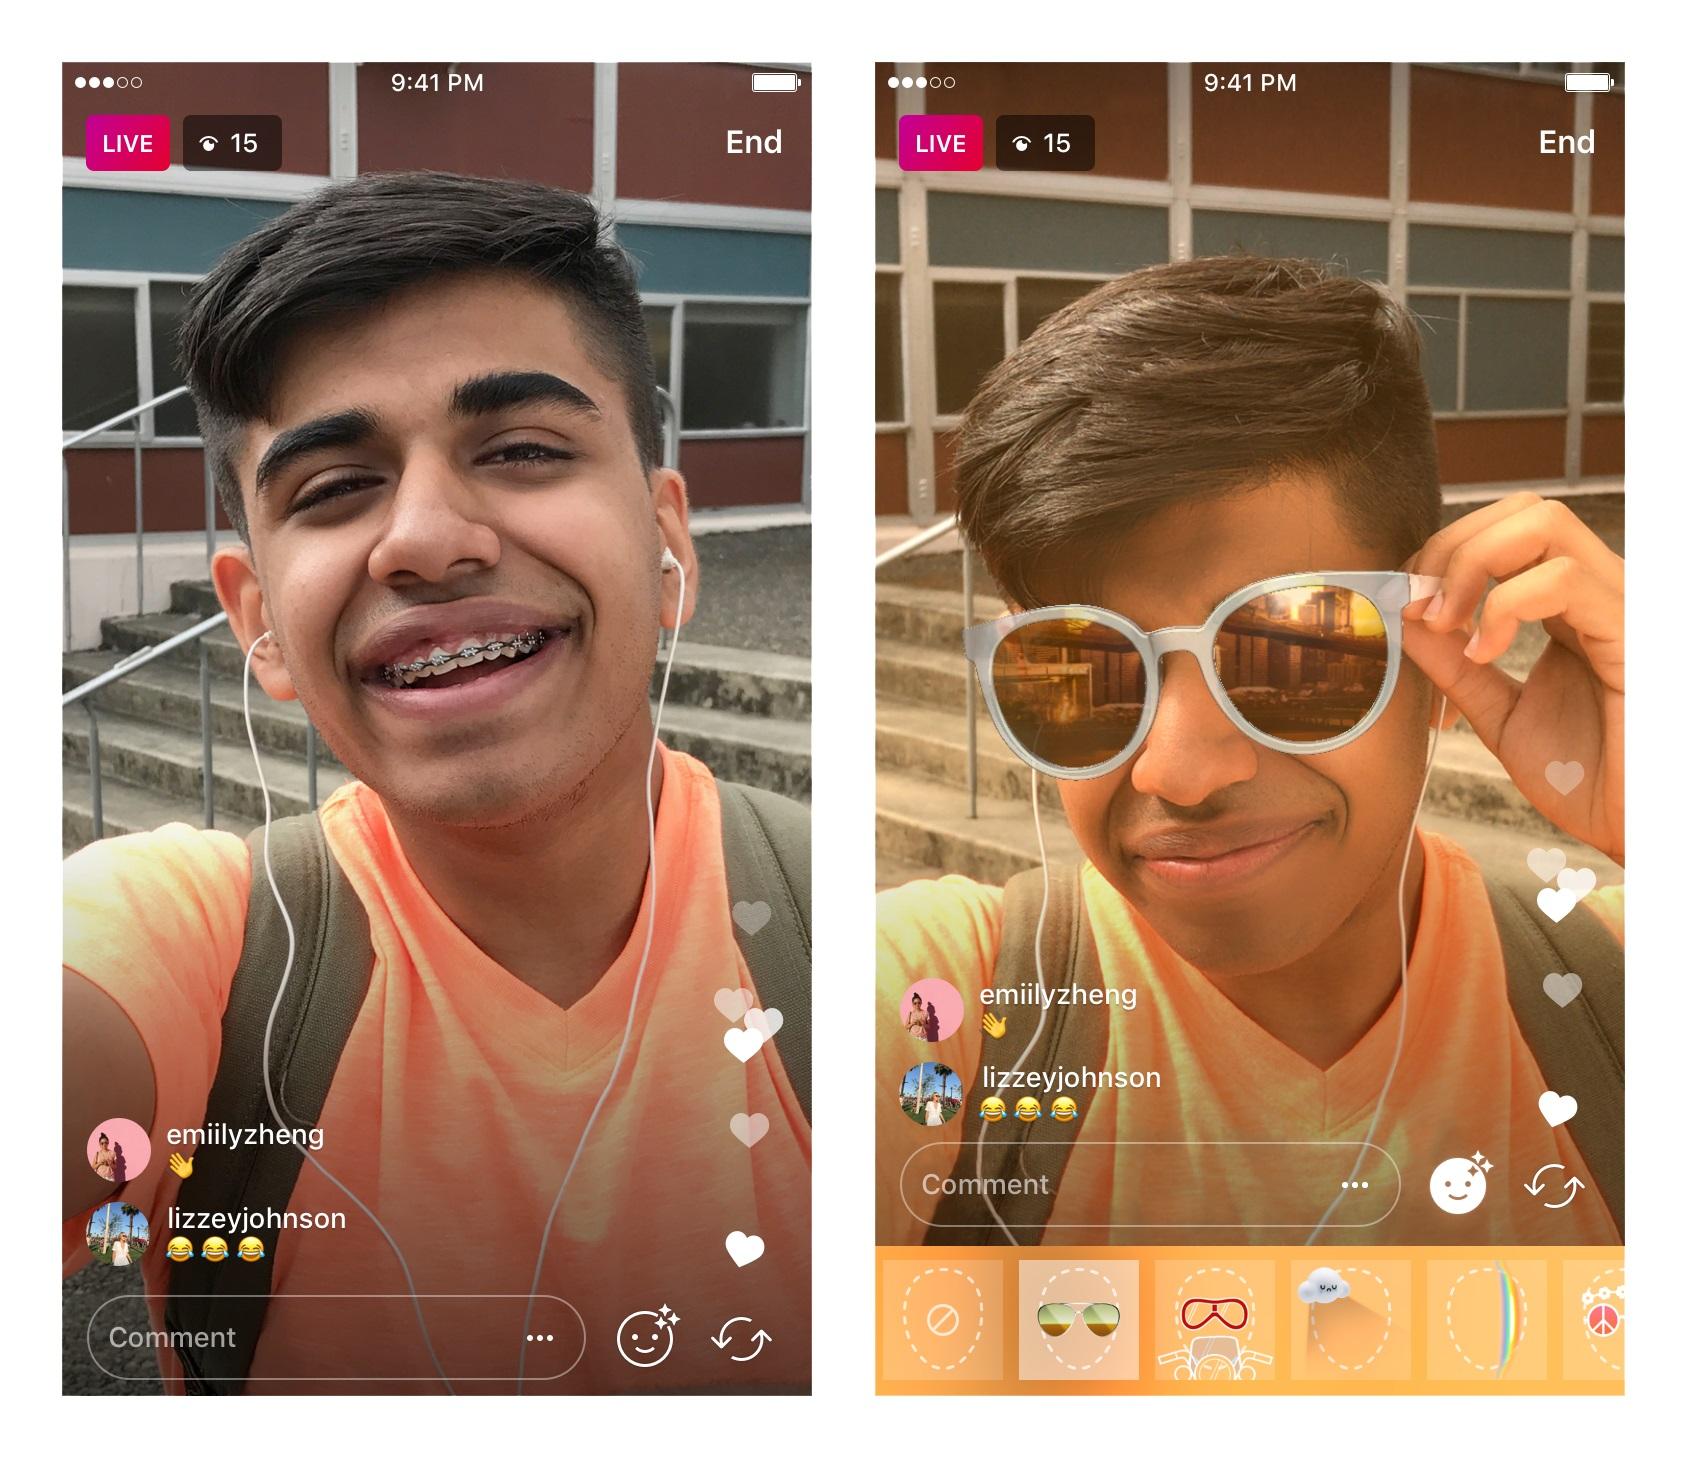 Instagram Live - Sked Social